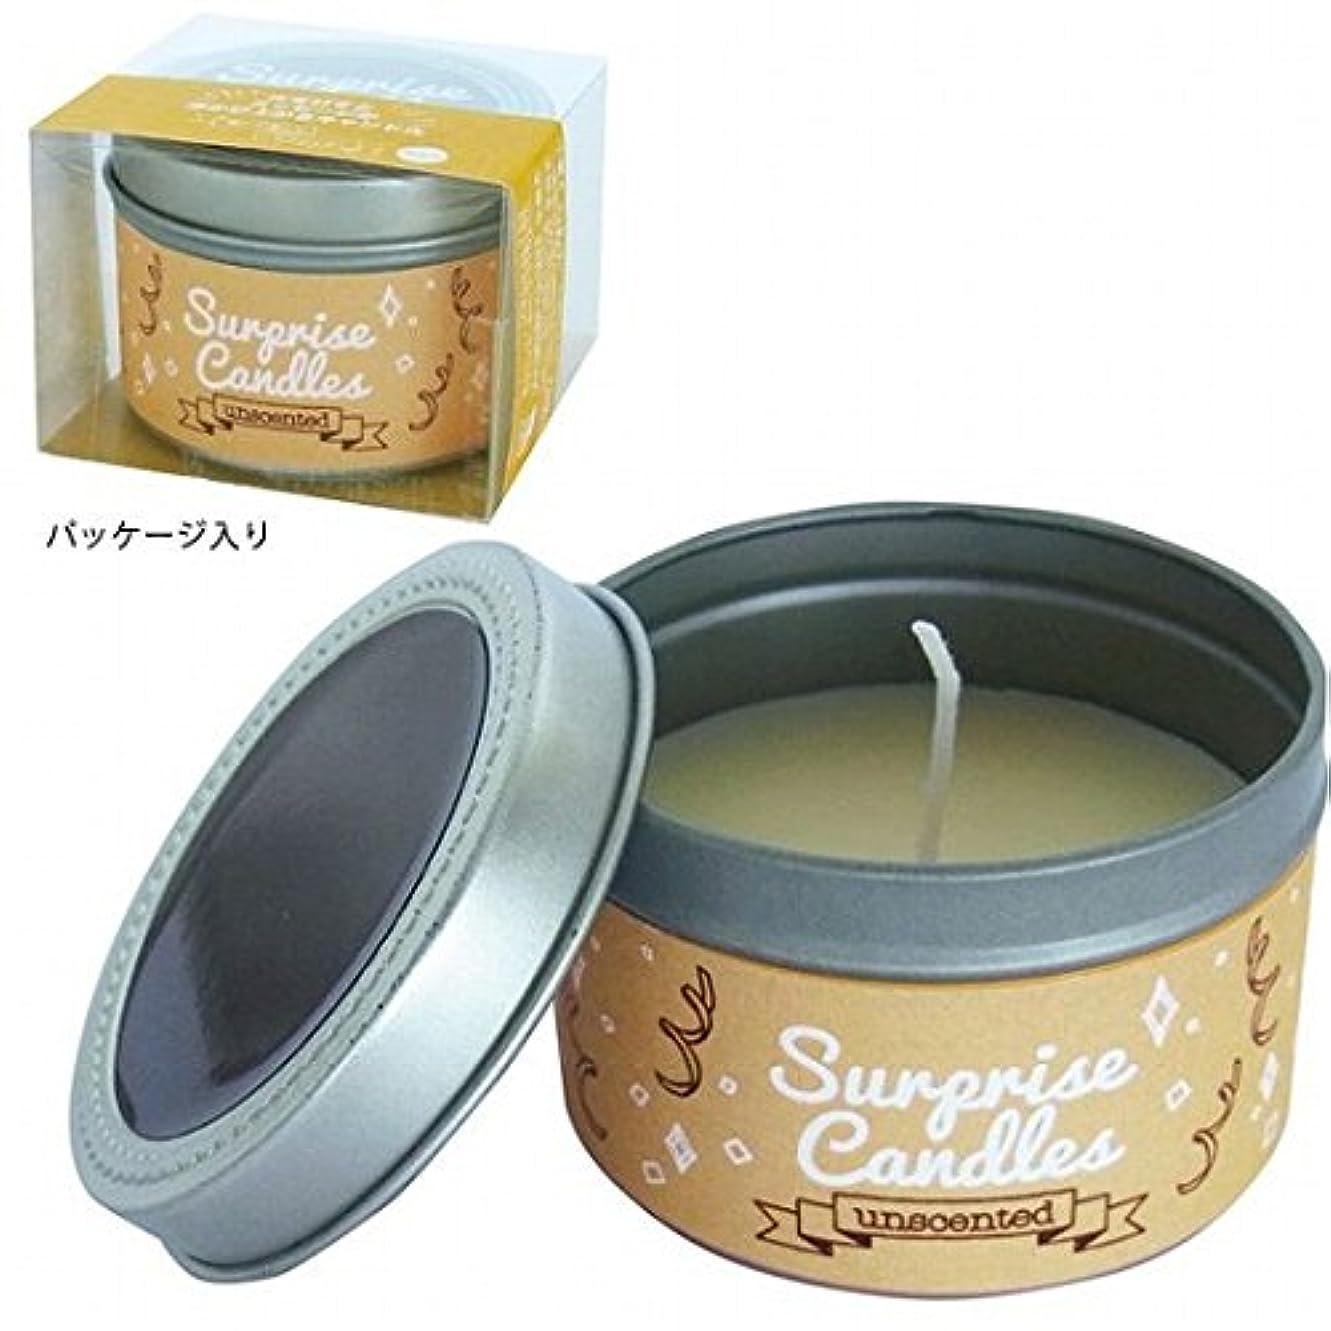 垂直本物のリダクターカメヤマキャンドル( kameyama candle ) サプライズキャンドル 「無香」